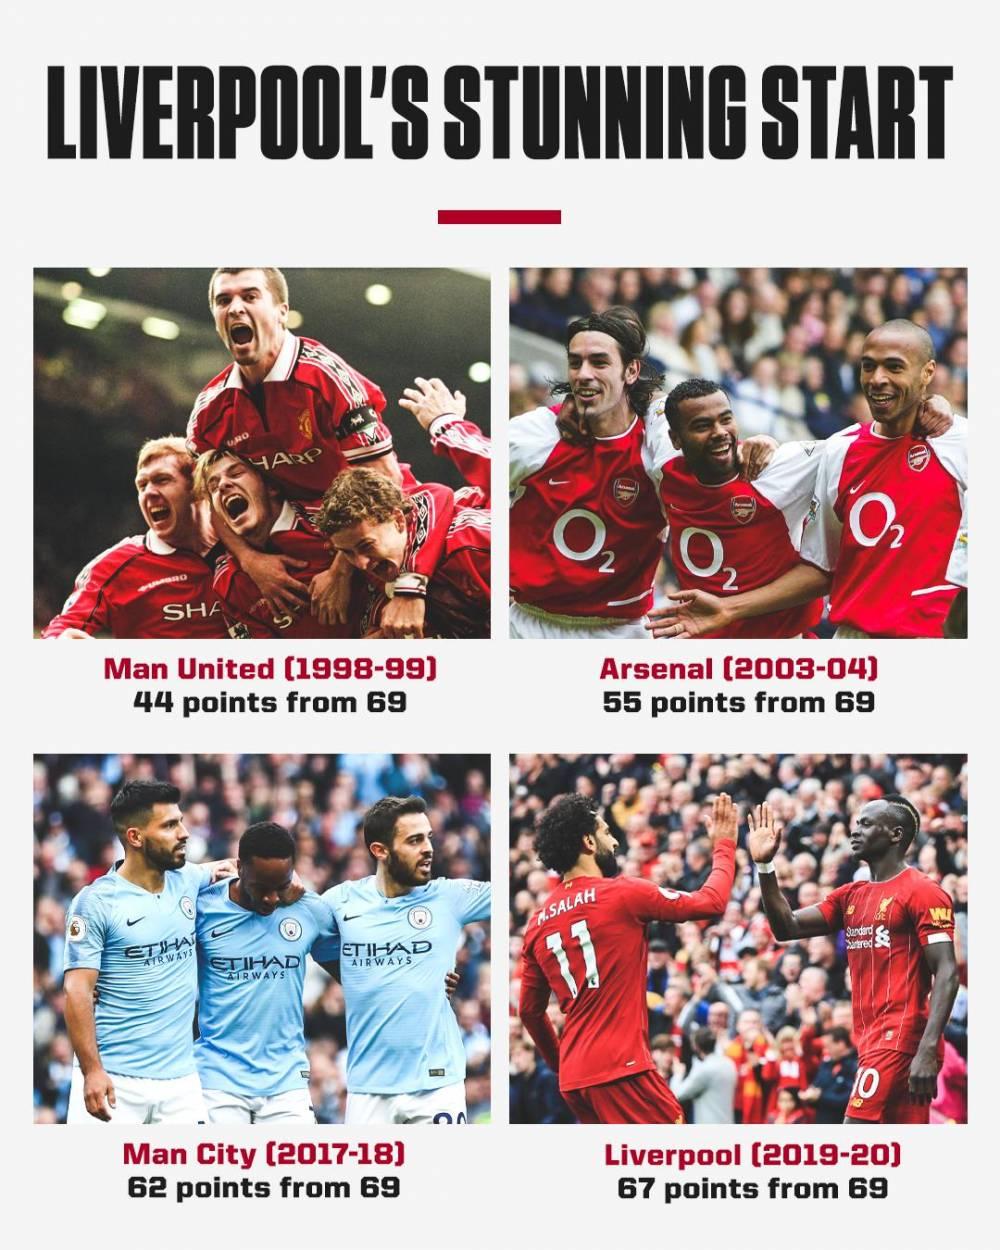 利物浦69分拿67分,超过三冠曼联、不败枪手和百分曼城